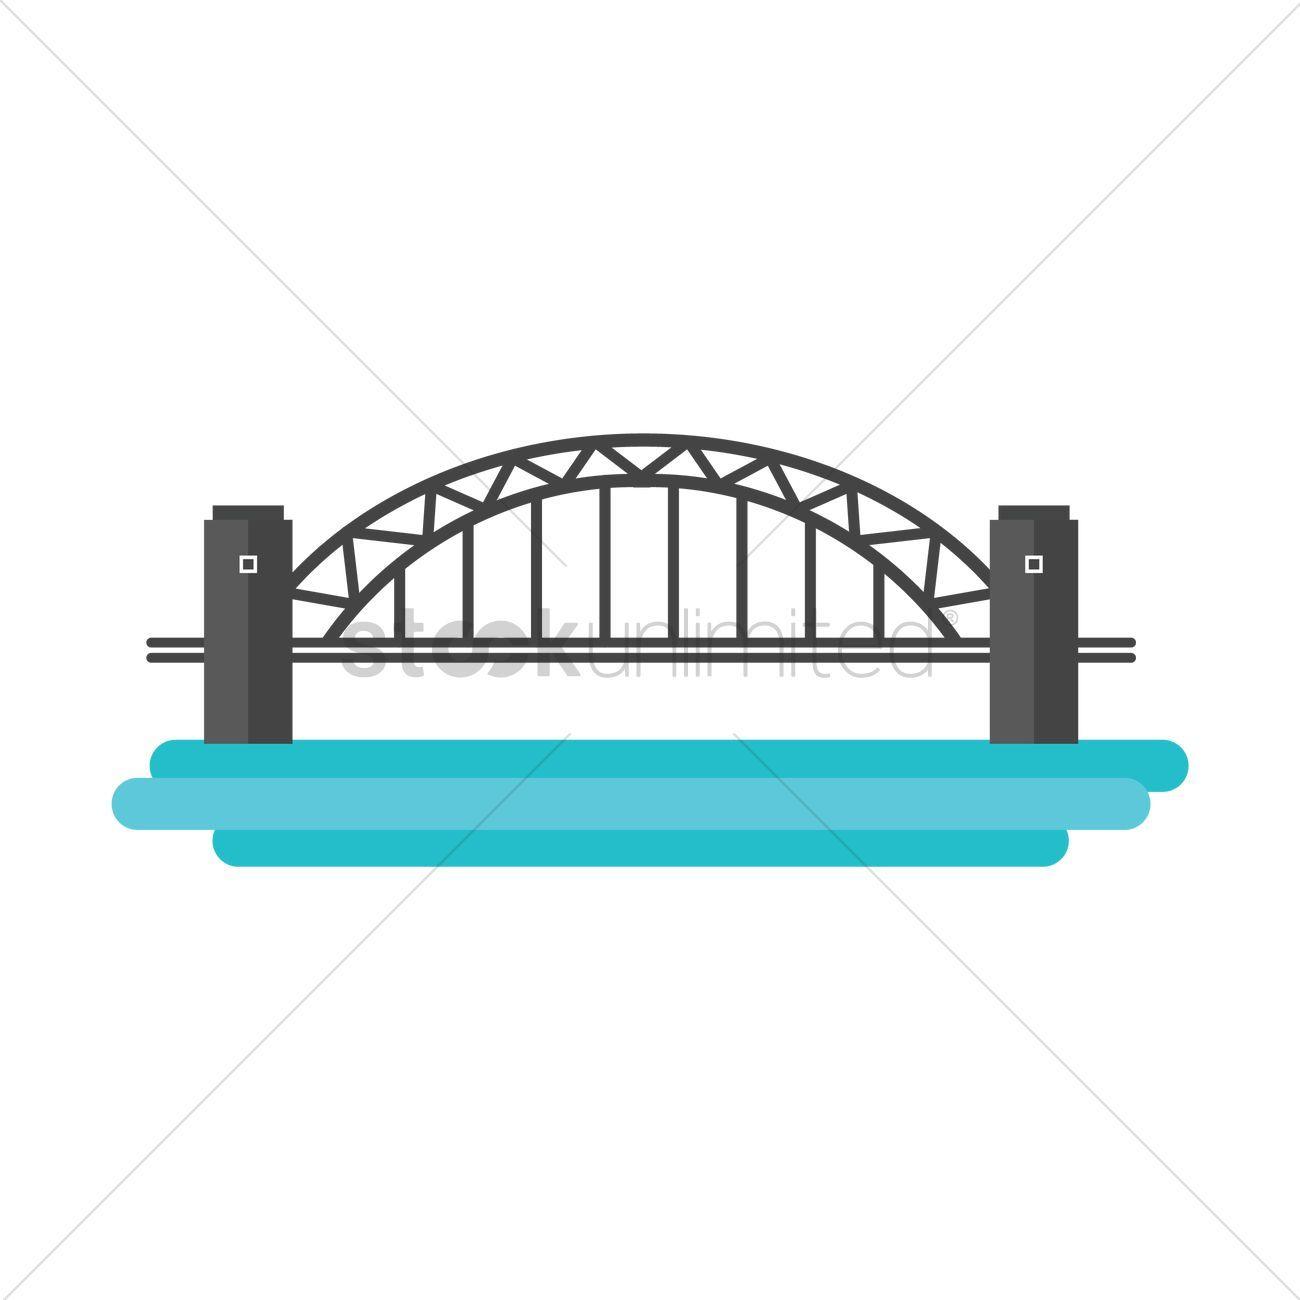 Sydney harbour bridge clipart 4 » Clipart Portal.